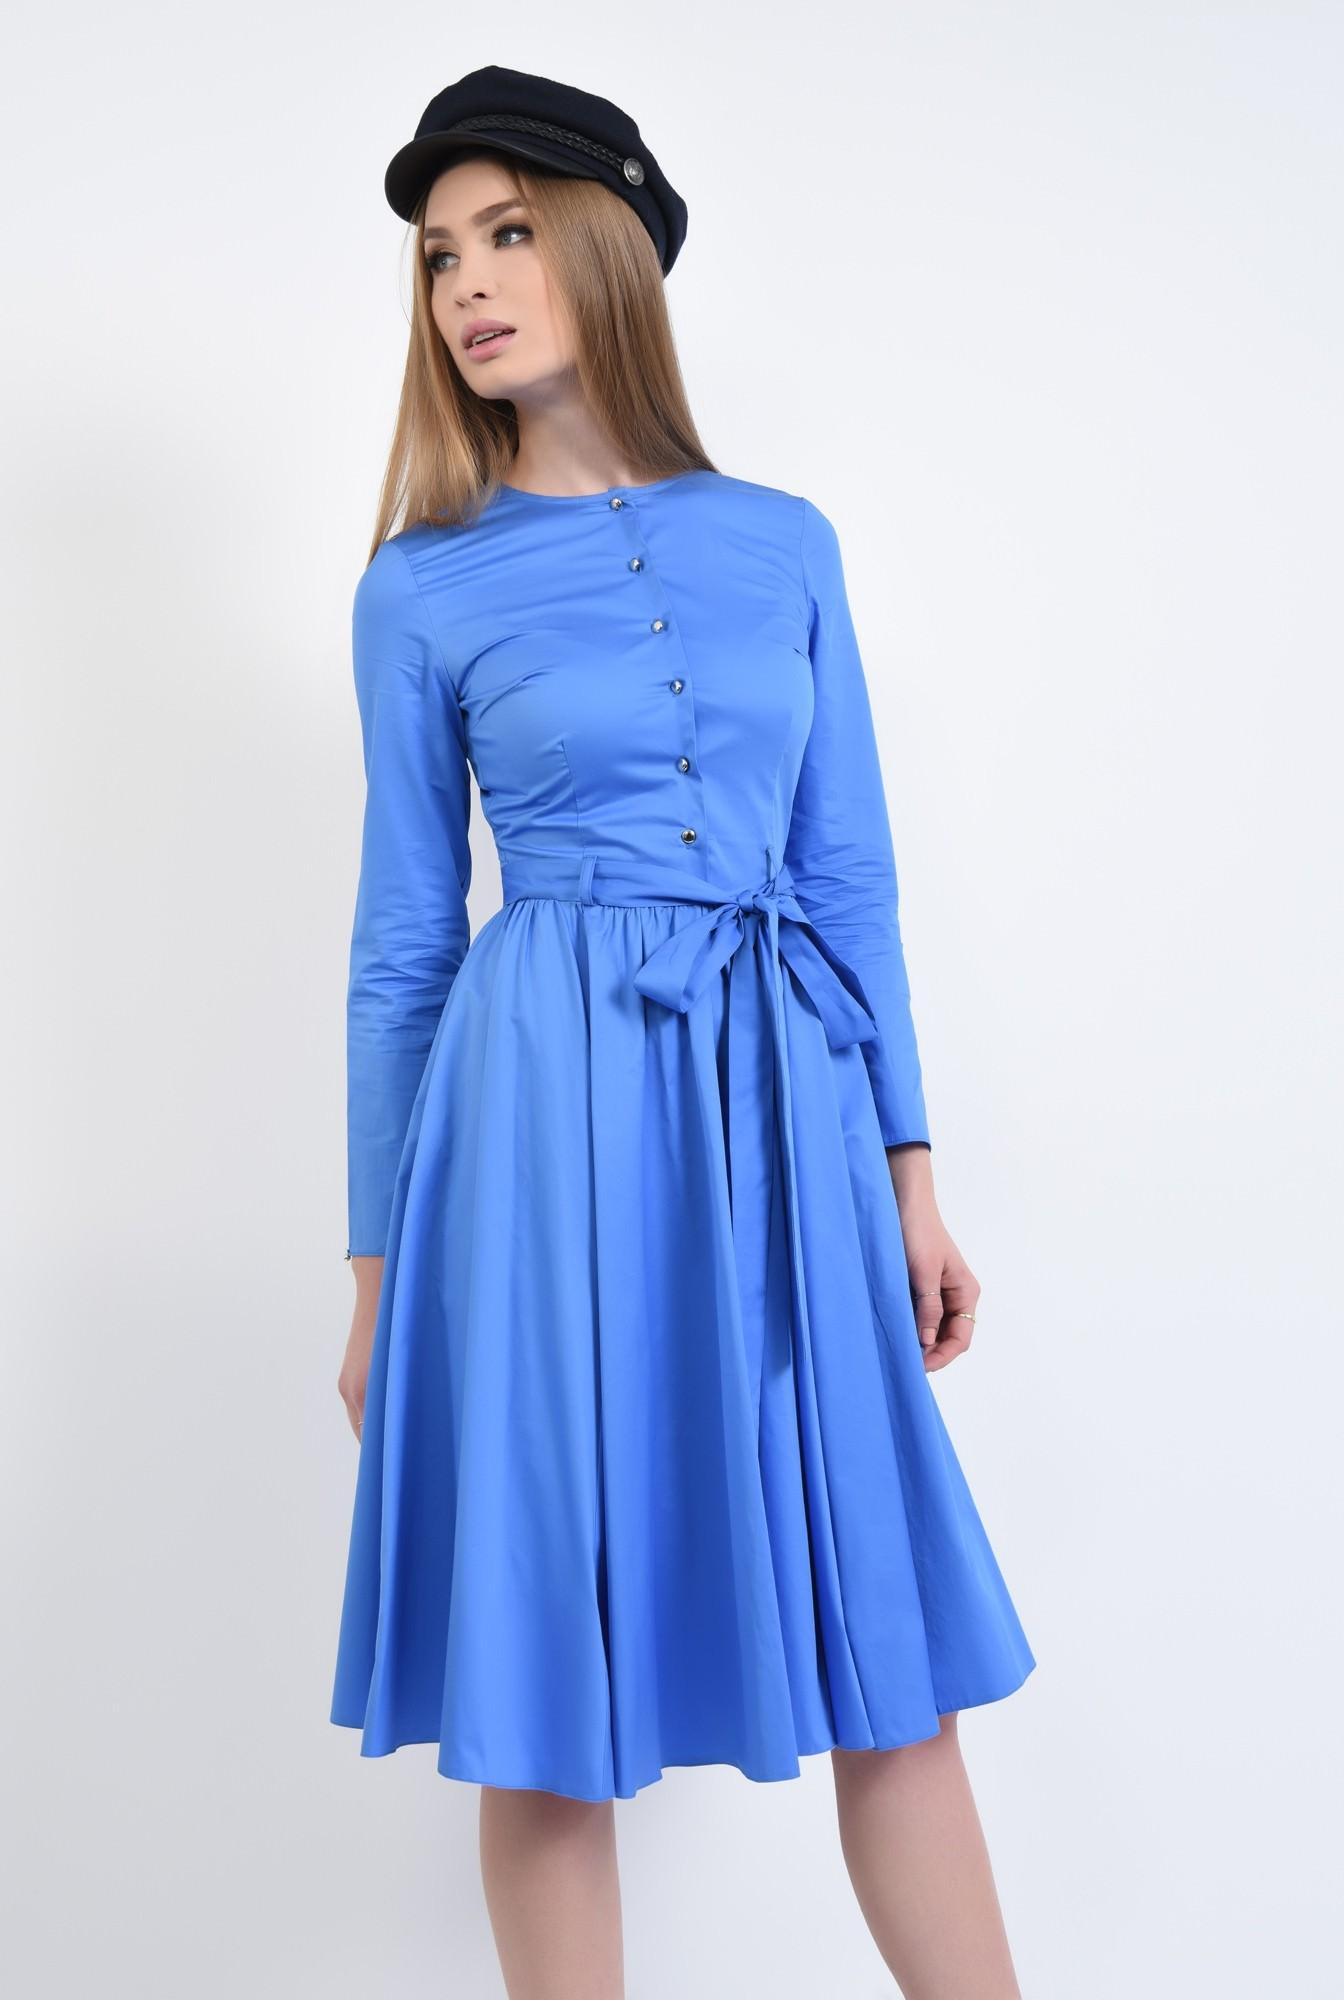 3 - Rochie casual albastra, midi